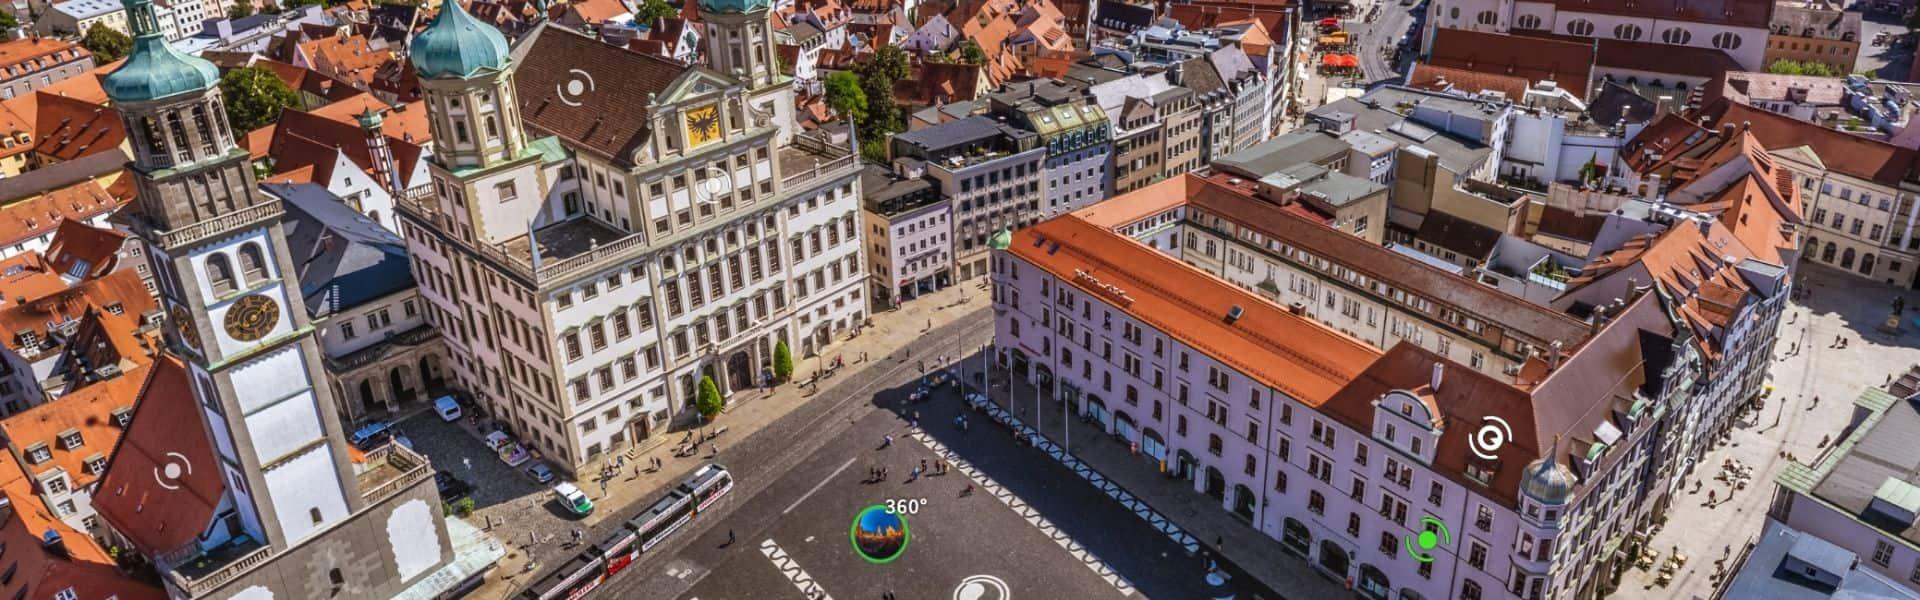 Panorama Tour von Augsburg